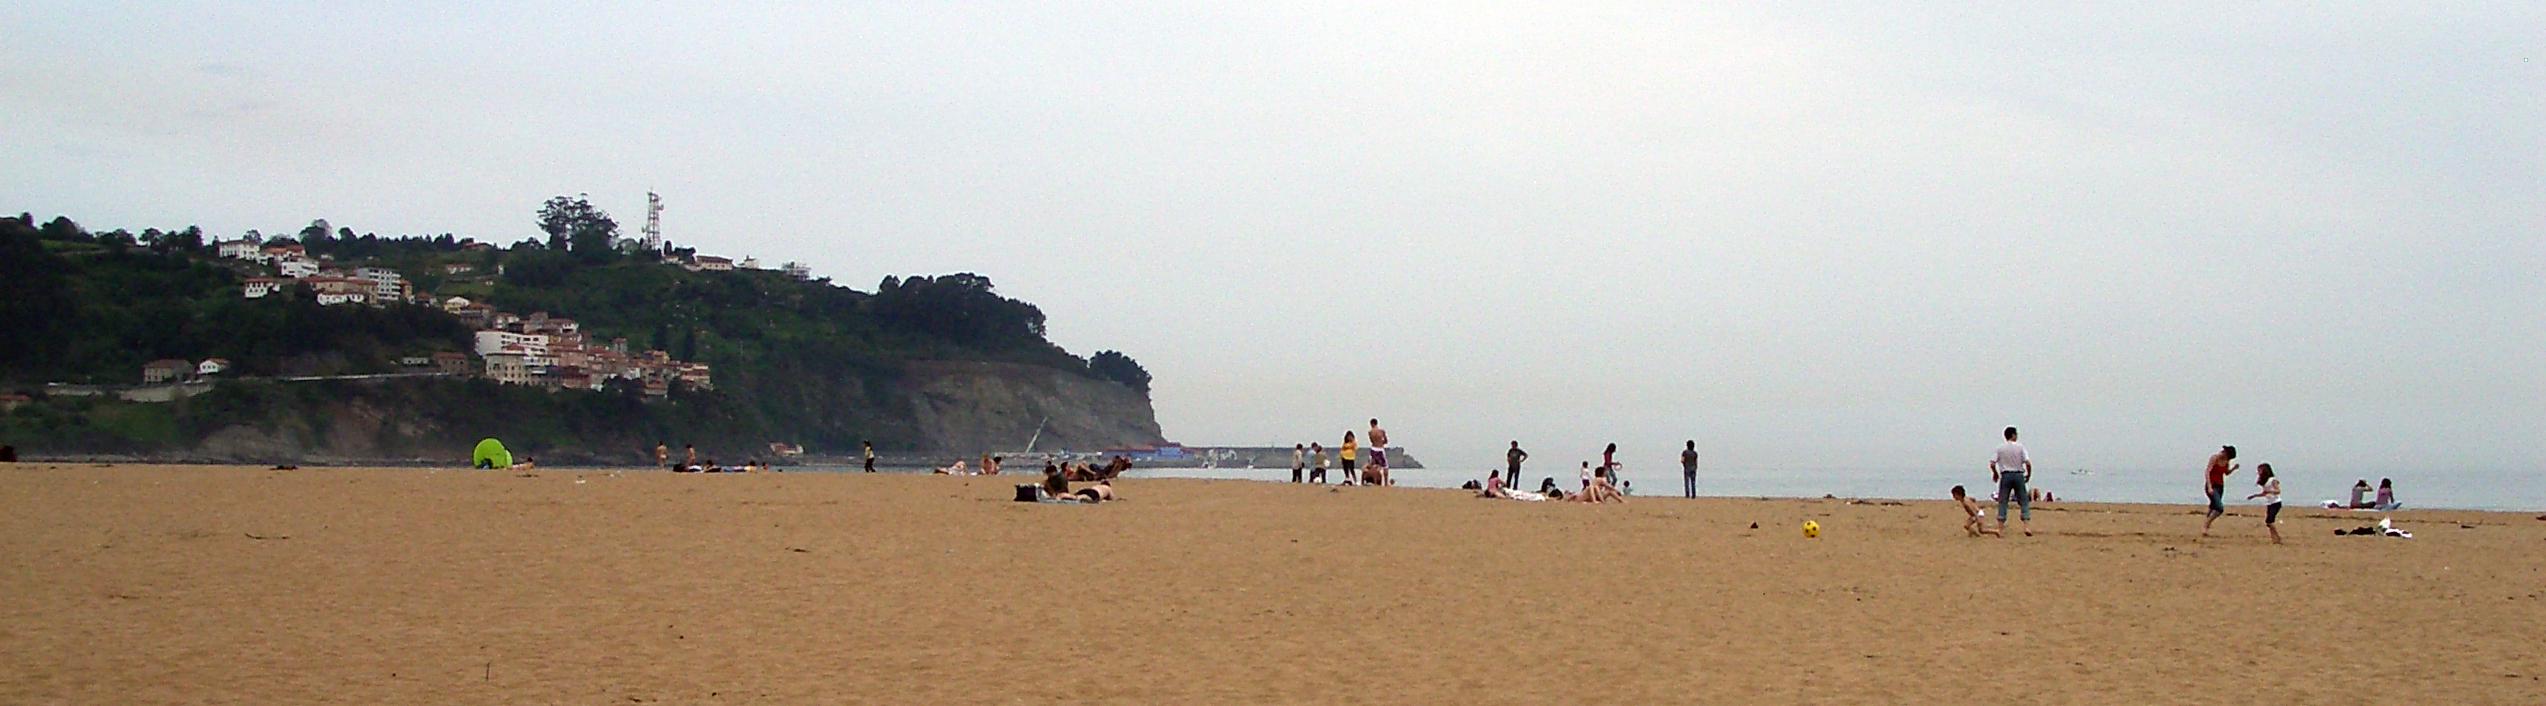 Foto playa La Griega / La Cabaña del Mar. Playa La Griega and view of Lastres